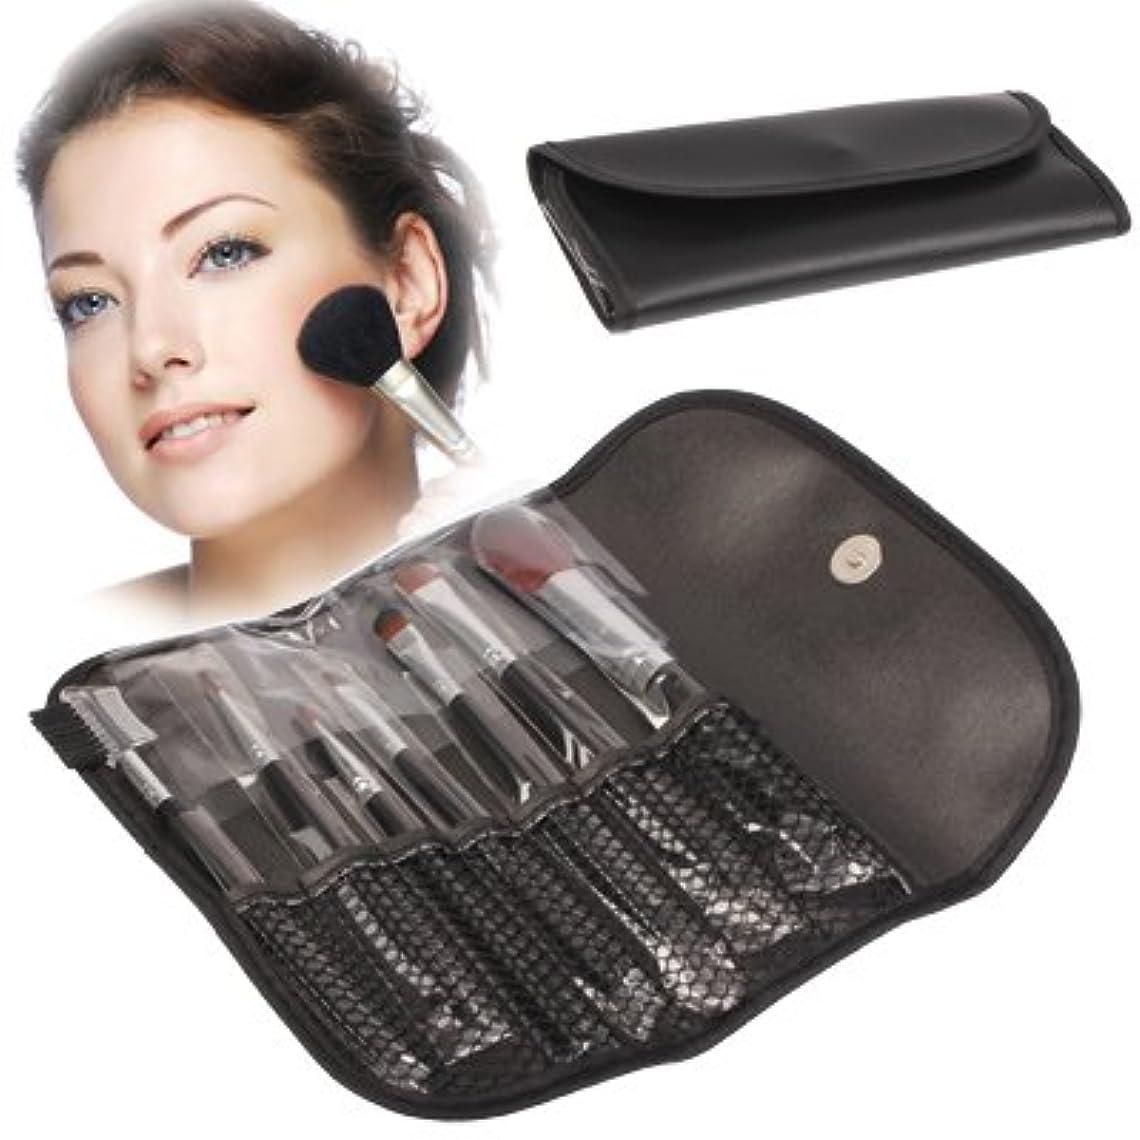 スキニー前ミットMEI1JIA フェイシャルケア製品をブラシ7PCS女性のためのQUELLIA折り畳み式の合成皮革化粧ブラシケースバッグキットセット(ブラック)